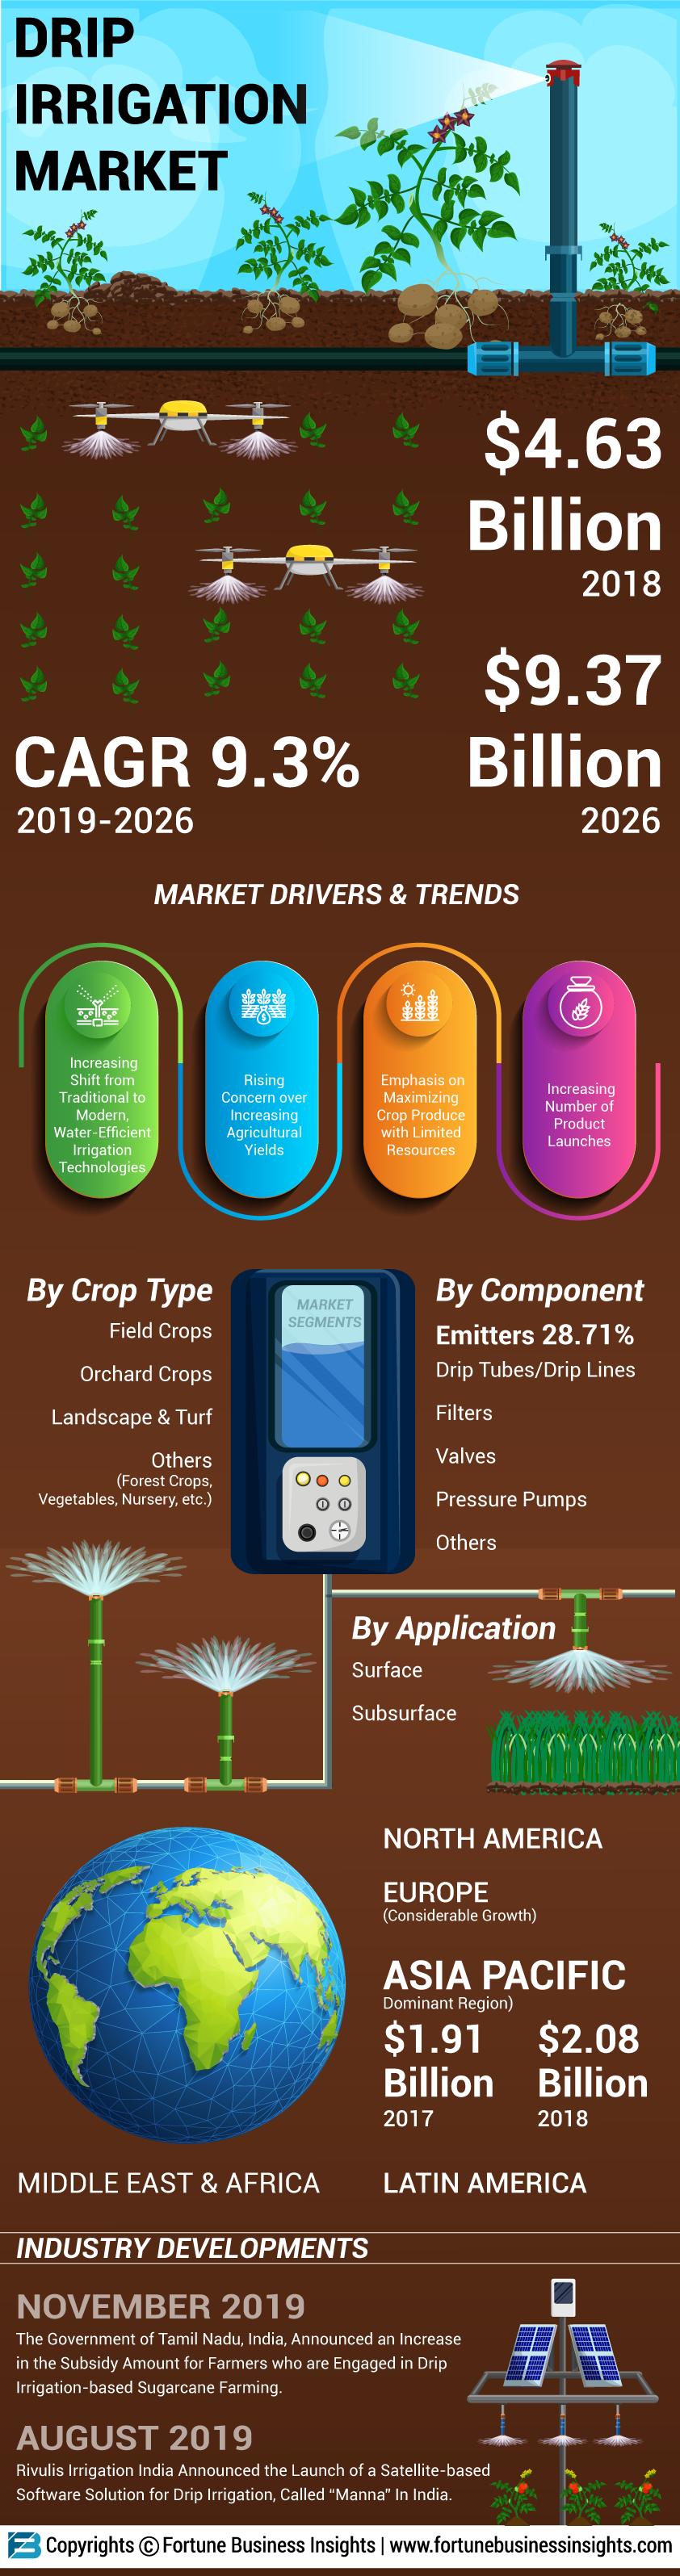 Drip Irrigation Market